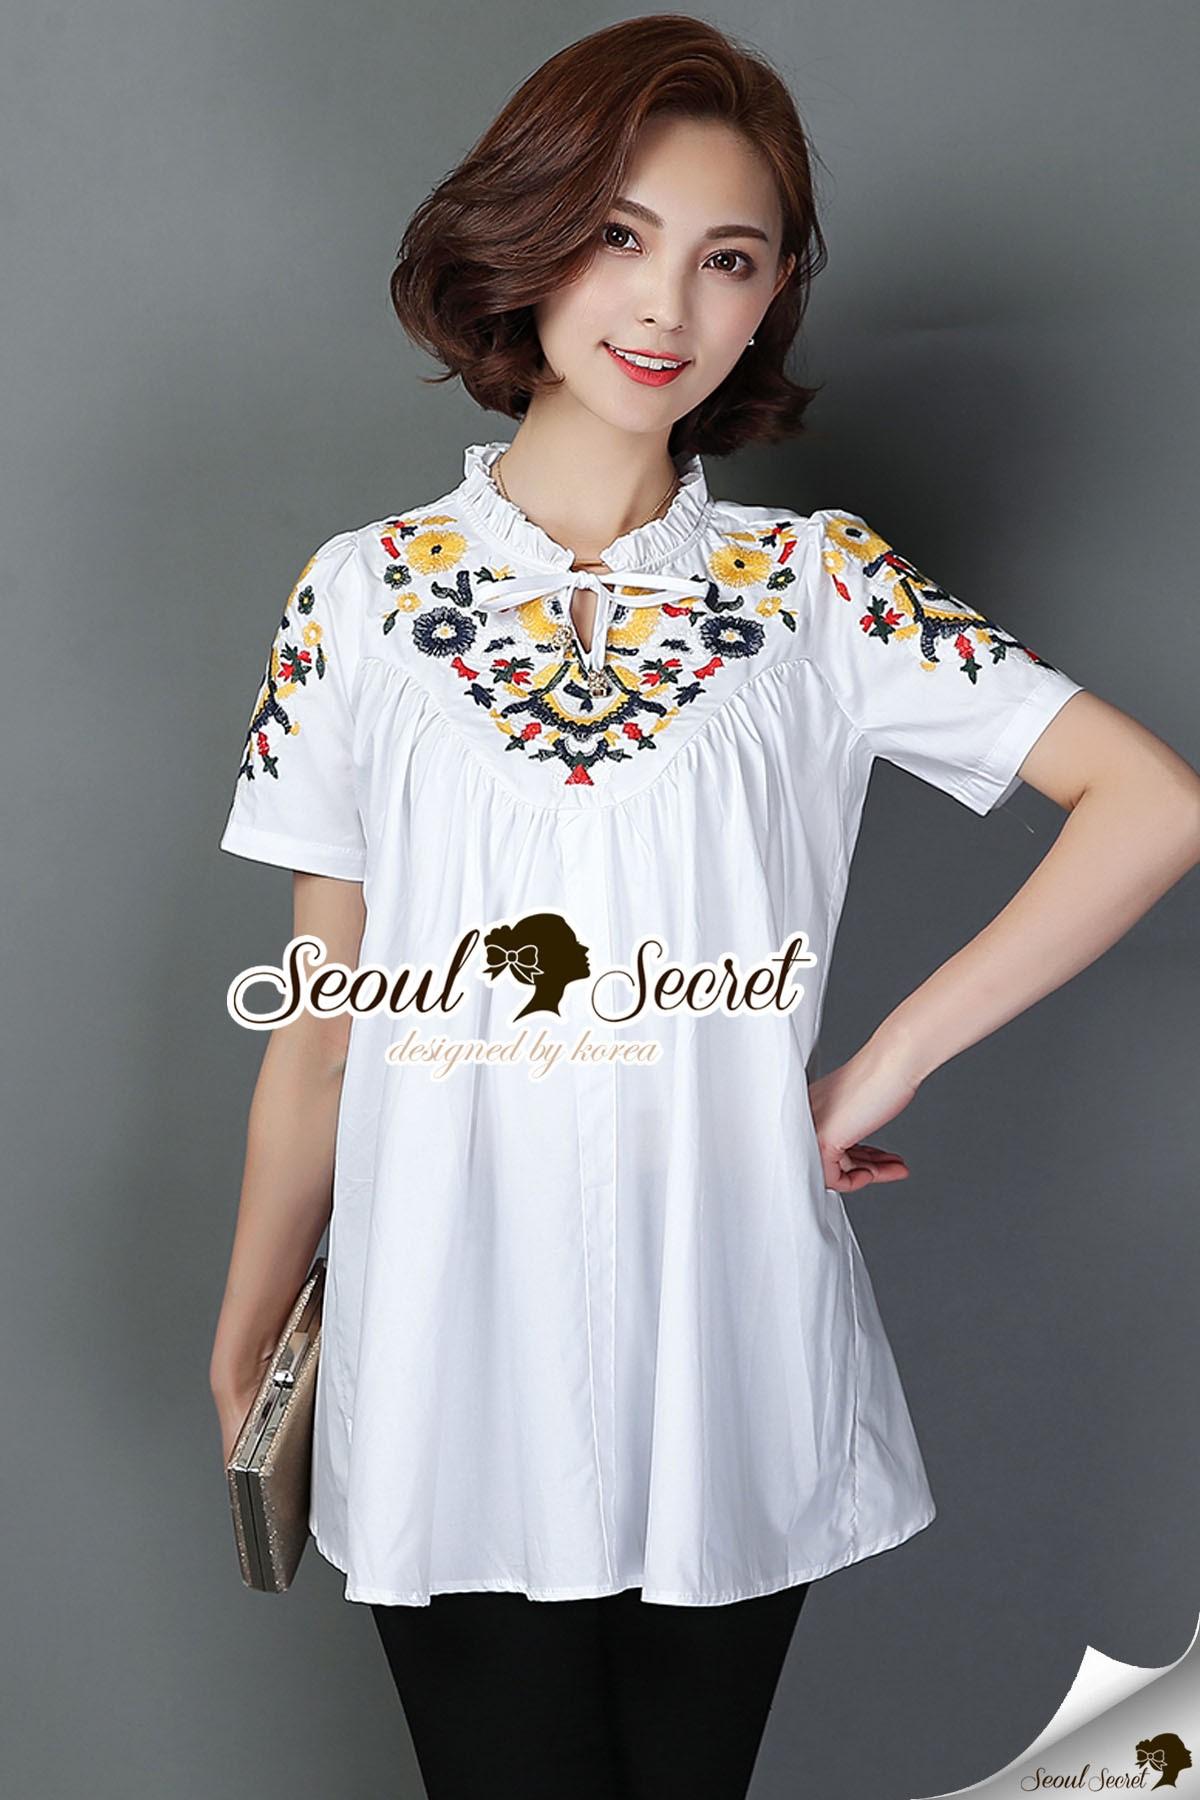 Seoul Secret Say's... Bohe Style Stick Blouse Material : เสื้อสวยสไตล์สาวเกาหลี ใส่ง่ายแมตซ์ง่าย เนื้อผ้าคอตตอน สวยเก๋ด้วยงานปักลายดอกไม้สไตล์สาวโบฮี มีสายเย็บติดกับตัวเสื้อไว้ผูกเป็นโบว์นะคะ สาวๆ จะผูกโบว์ที่ด้านหน้าหรือด้านหลังก็ได้นะคะ มีสองโทนสี